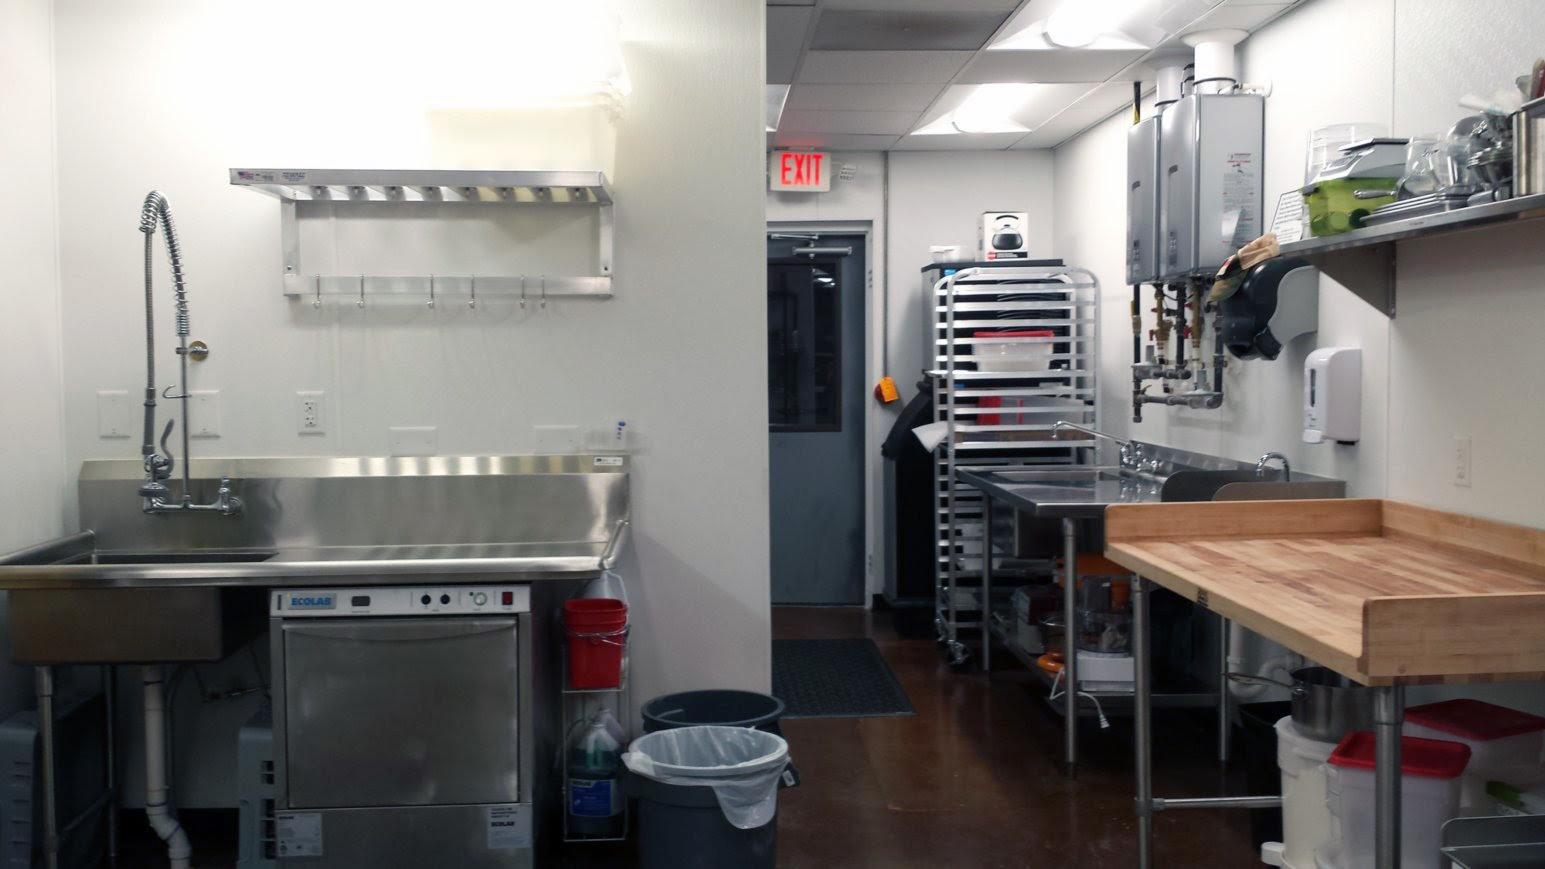 kitchen dish area.jpeg